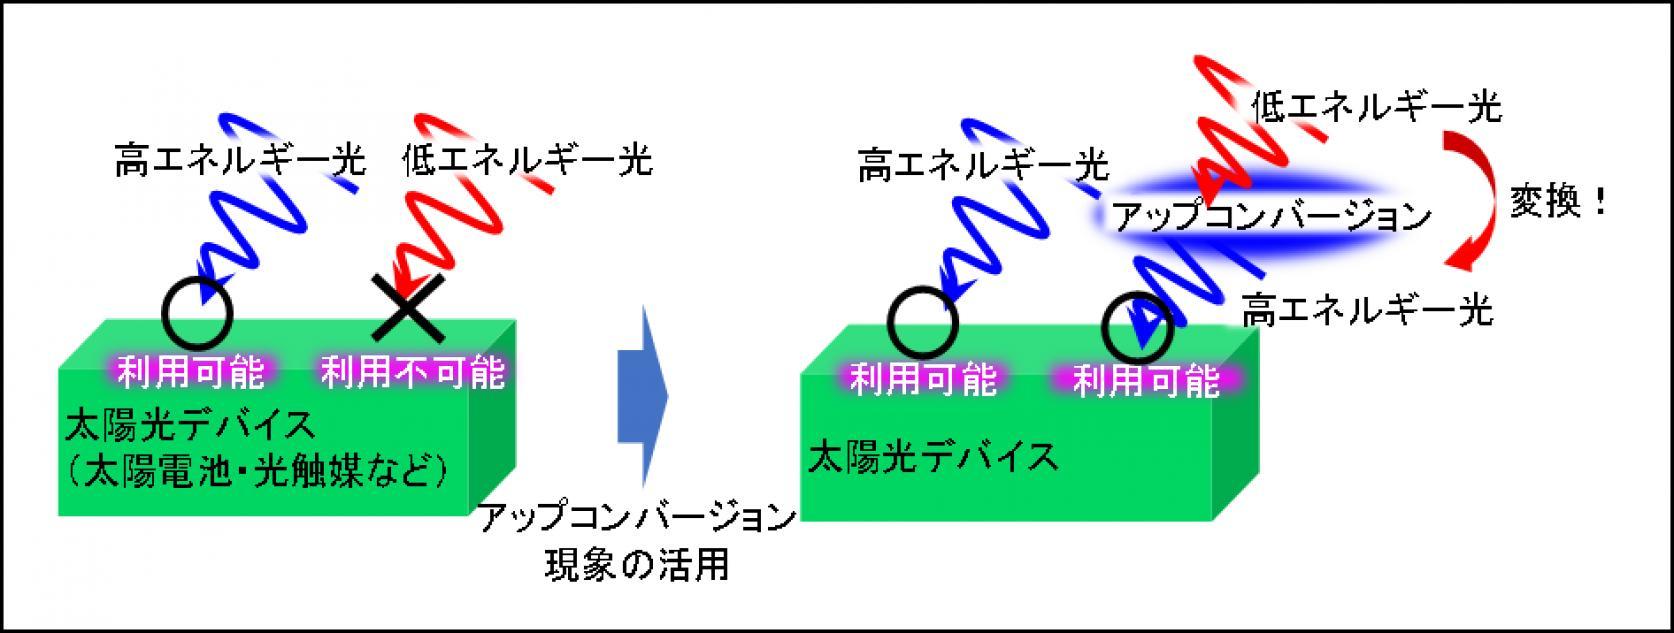 物質応用化学科超分子化学研究室 須川 晃資准教授、博士課程1年 神 翔太さんらが携わる共同研究の成果が、アメリカ化学会のハイインパクトファクター雑誌「ACS Photonics」にオンライン掲載されました。